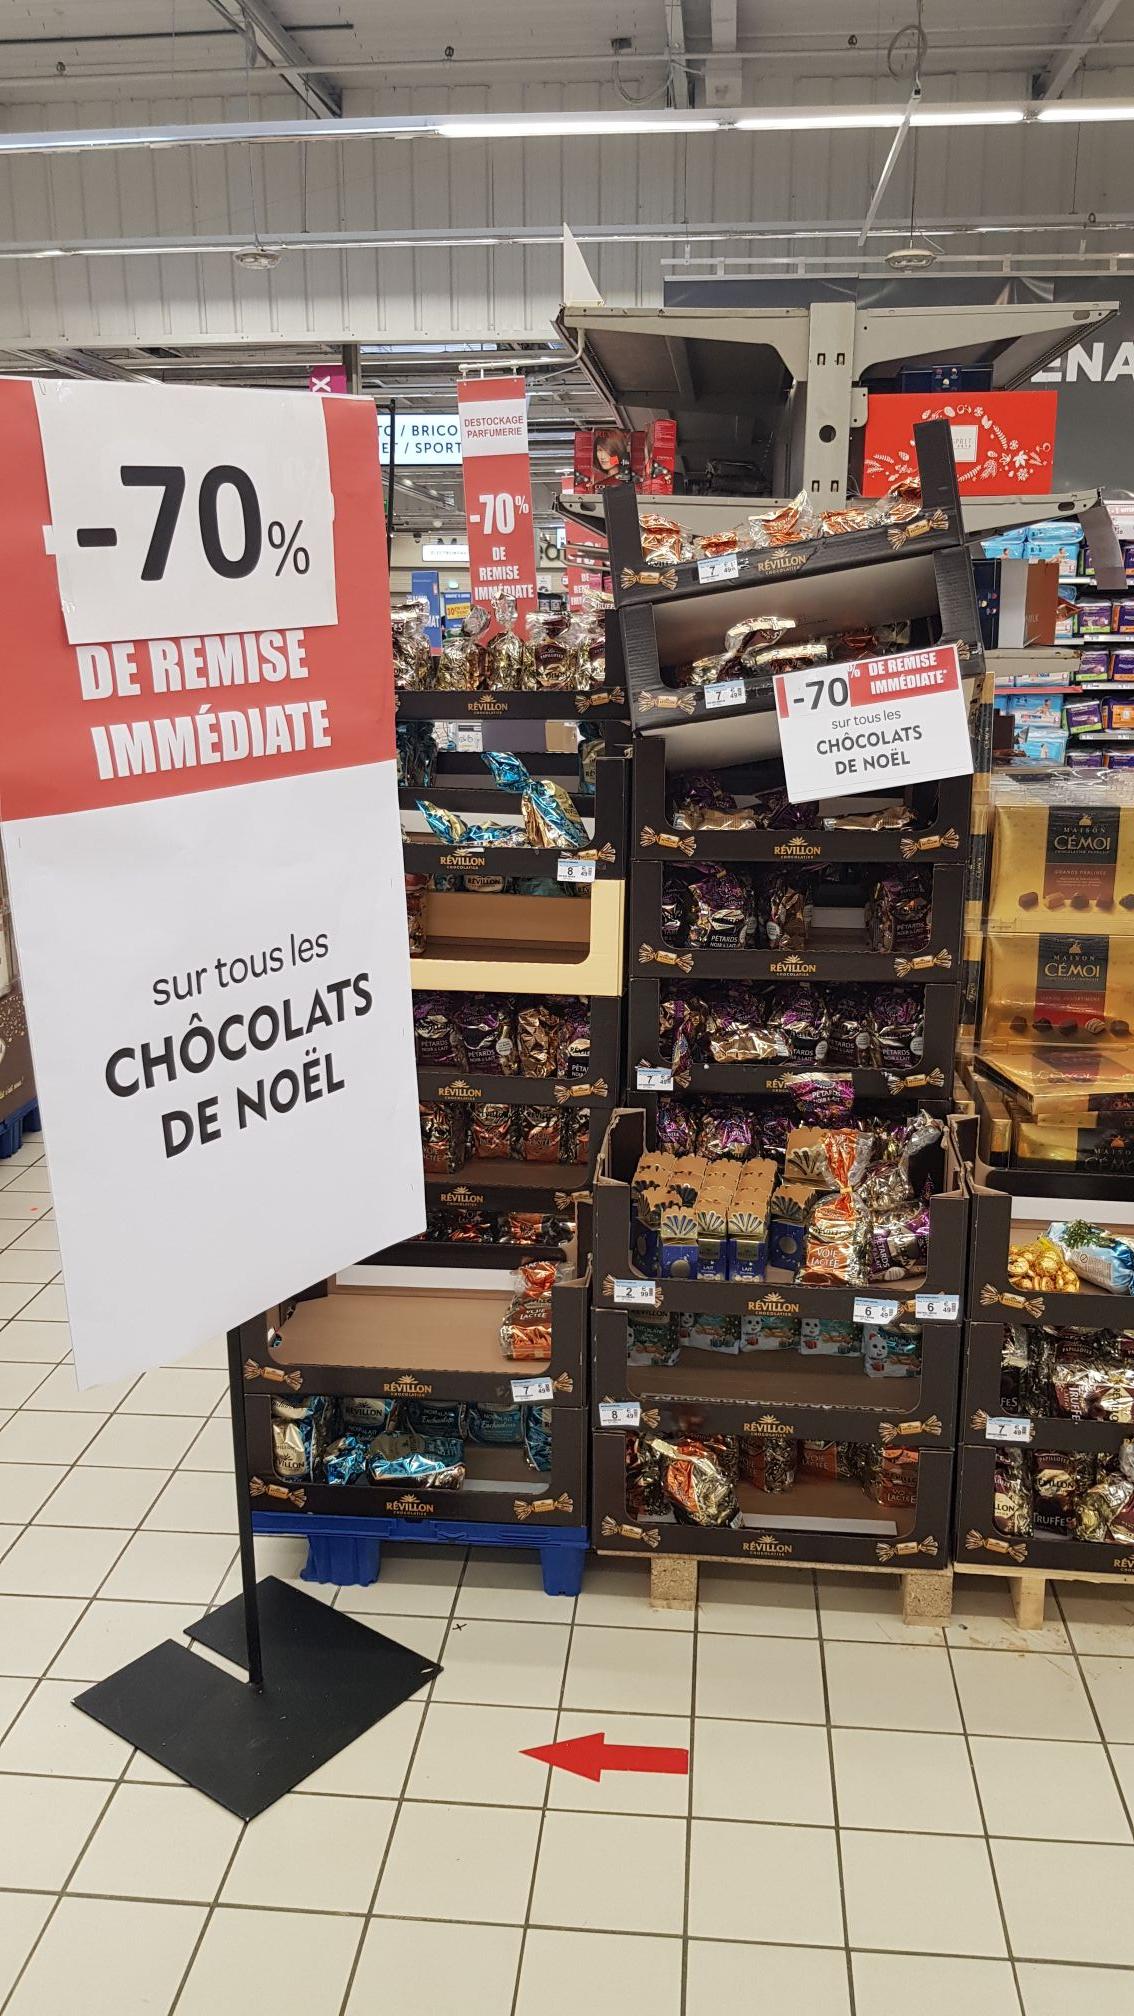 70% de remise immédiate sur les Chocolats de Noël - Macon (71)